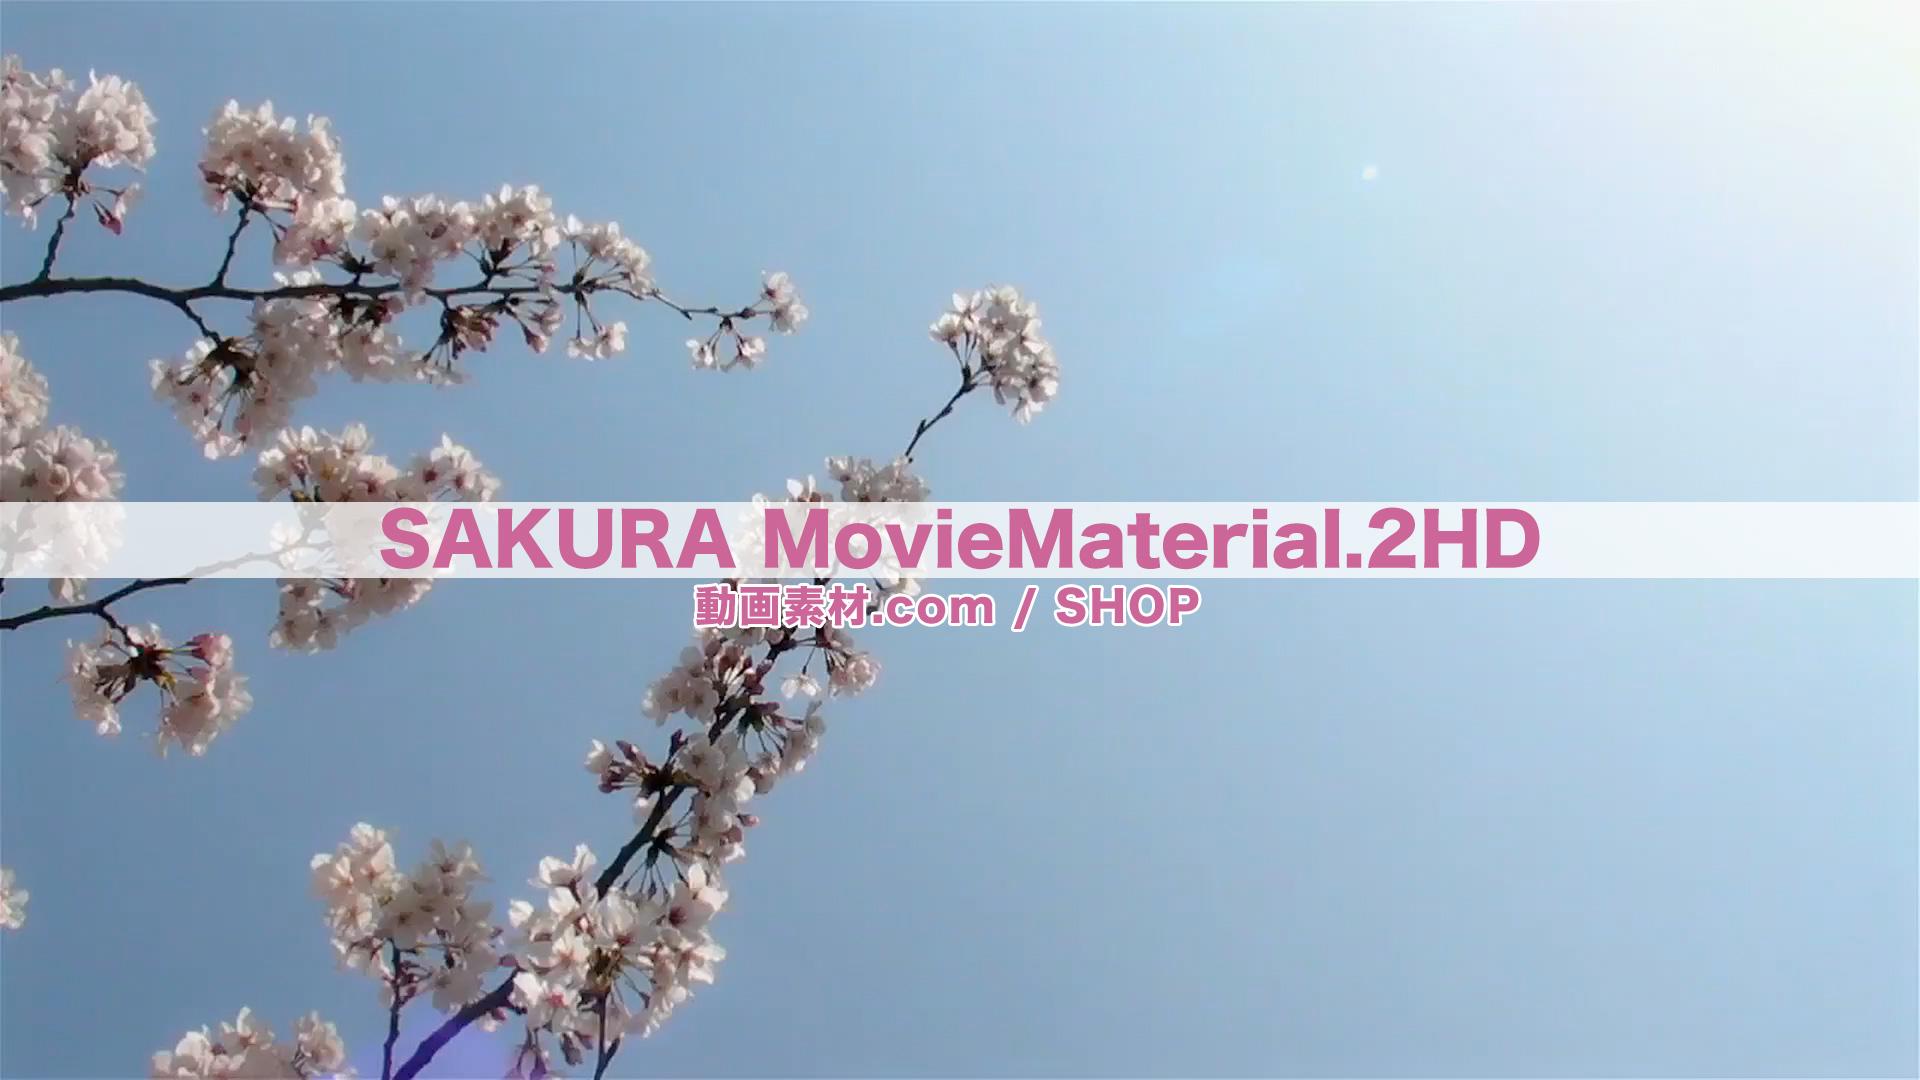 SAKURA2HD_3